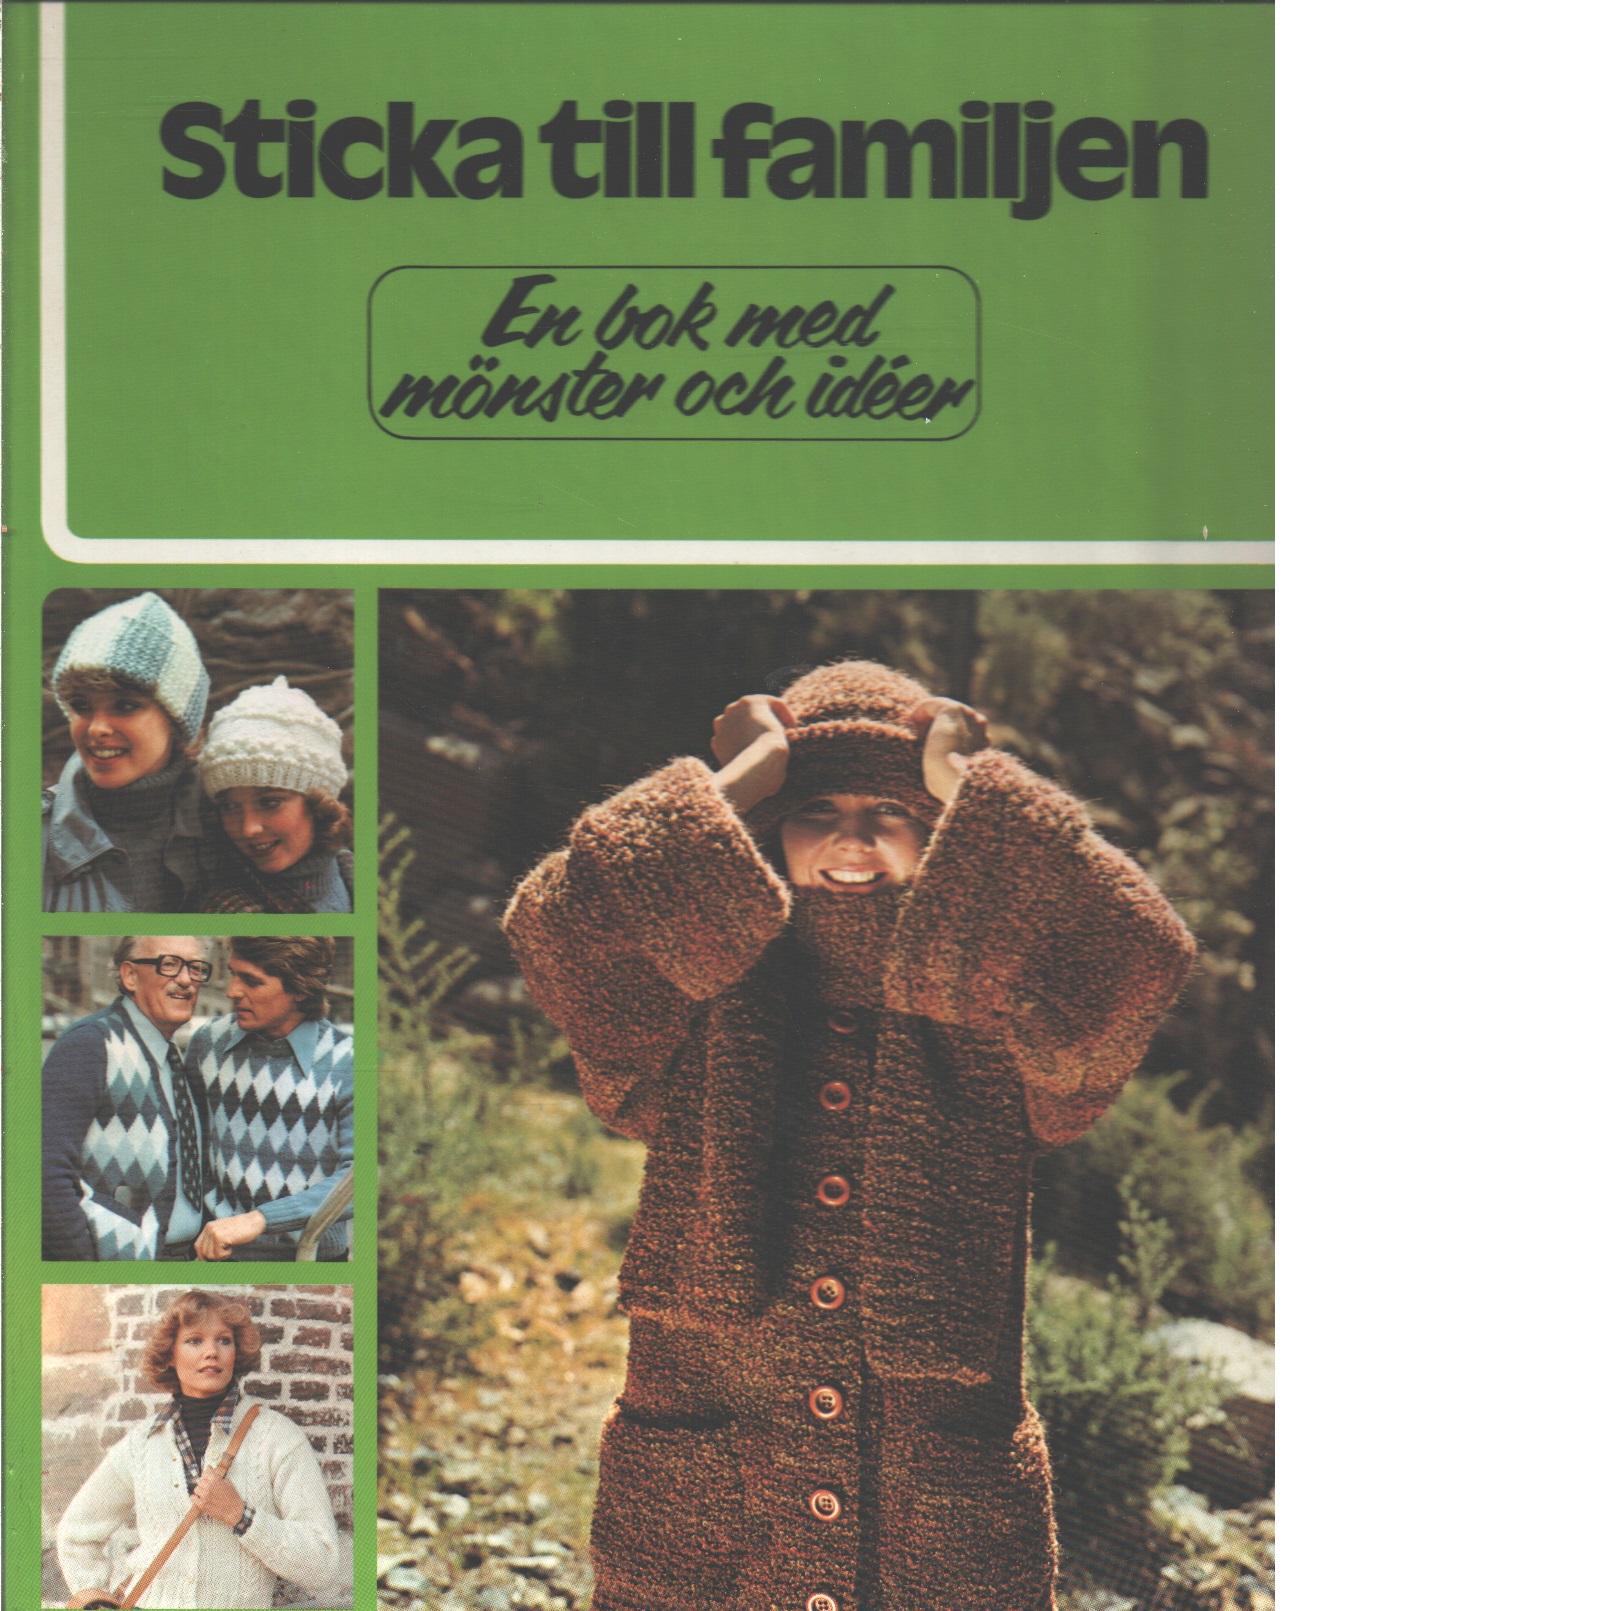 Sticka till familjen : en bok med mönster och idéer - Red.